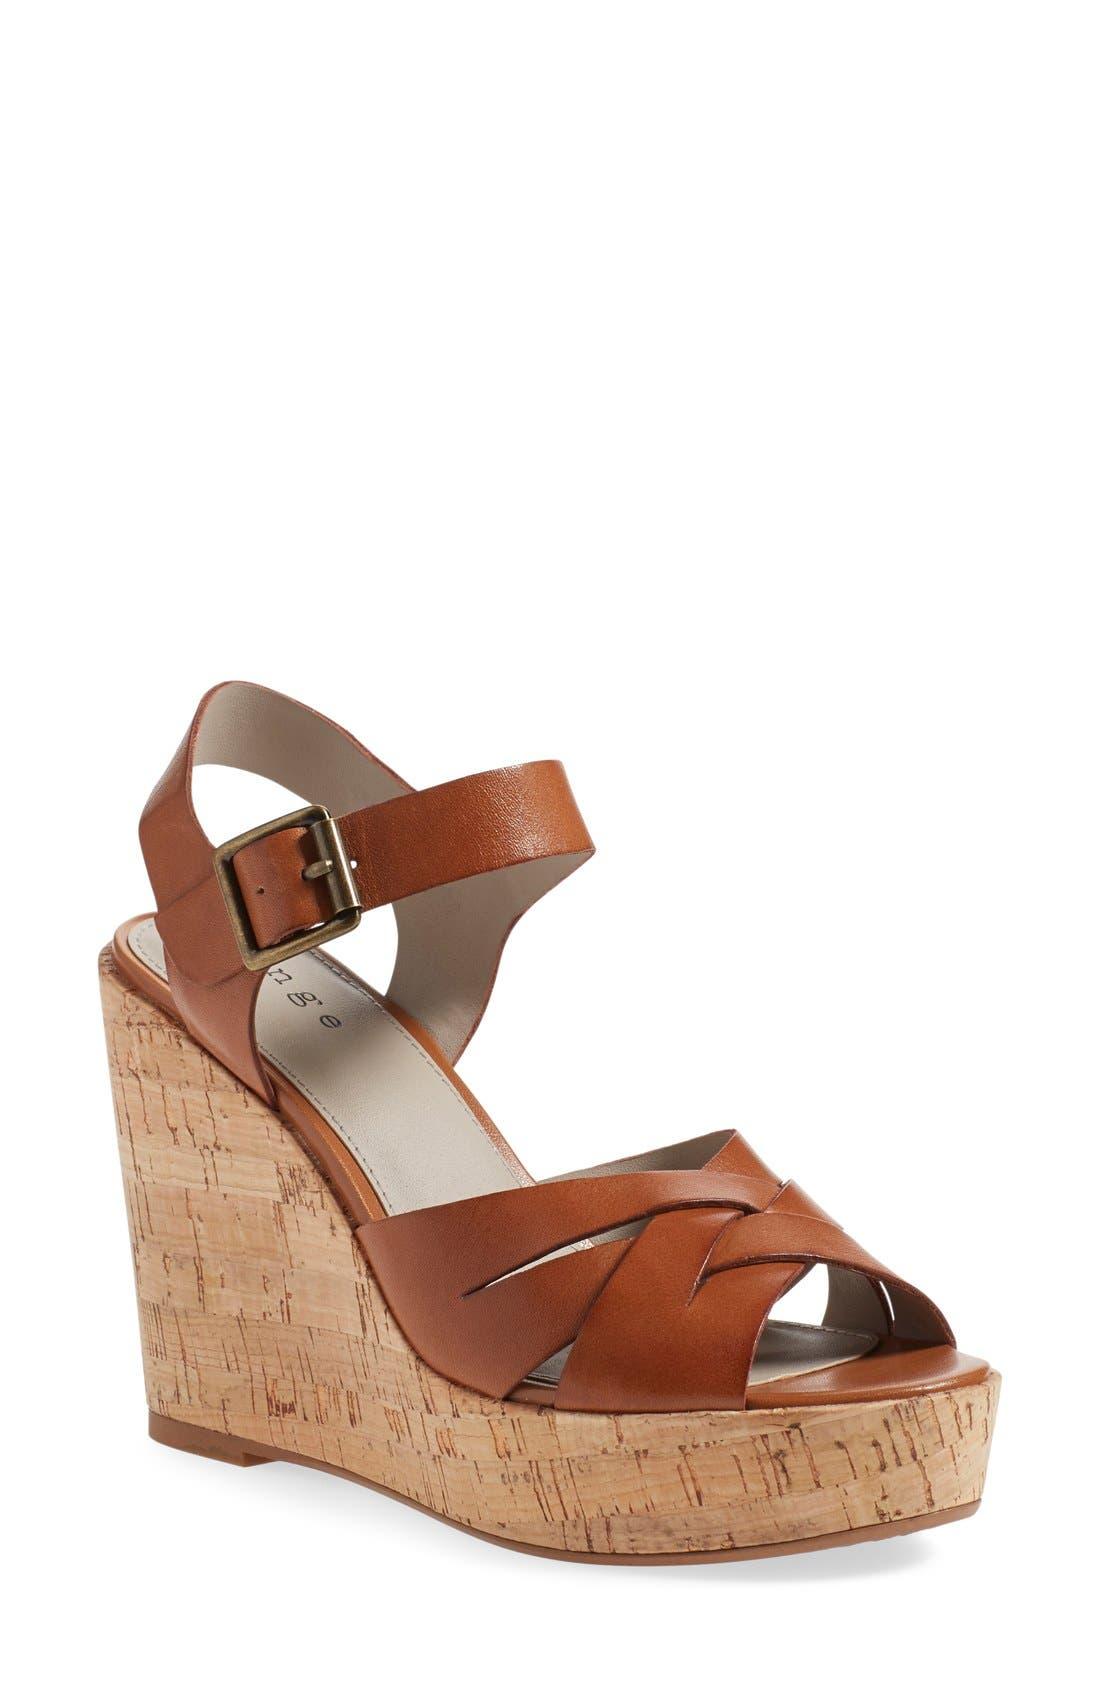 Alternate Image 1 Selected - Hinge 'Hadley' Wedge Sandal (Women)